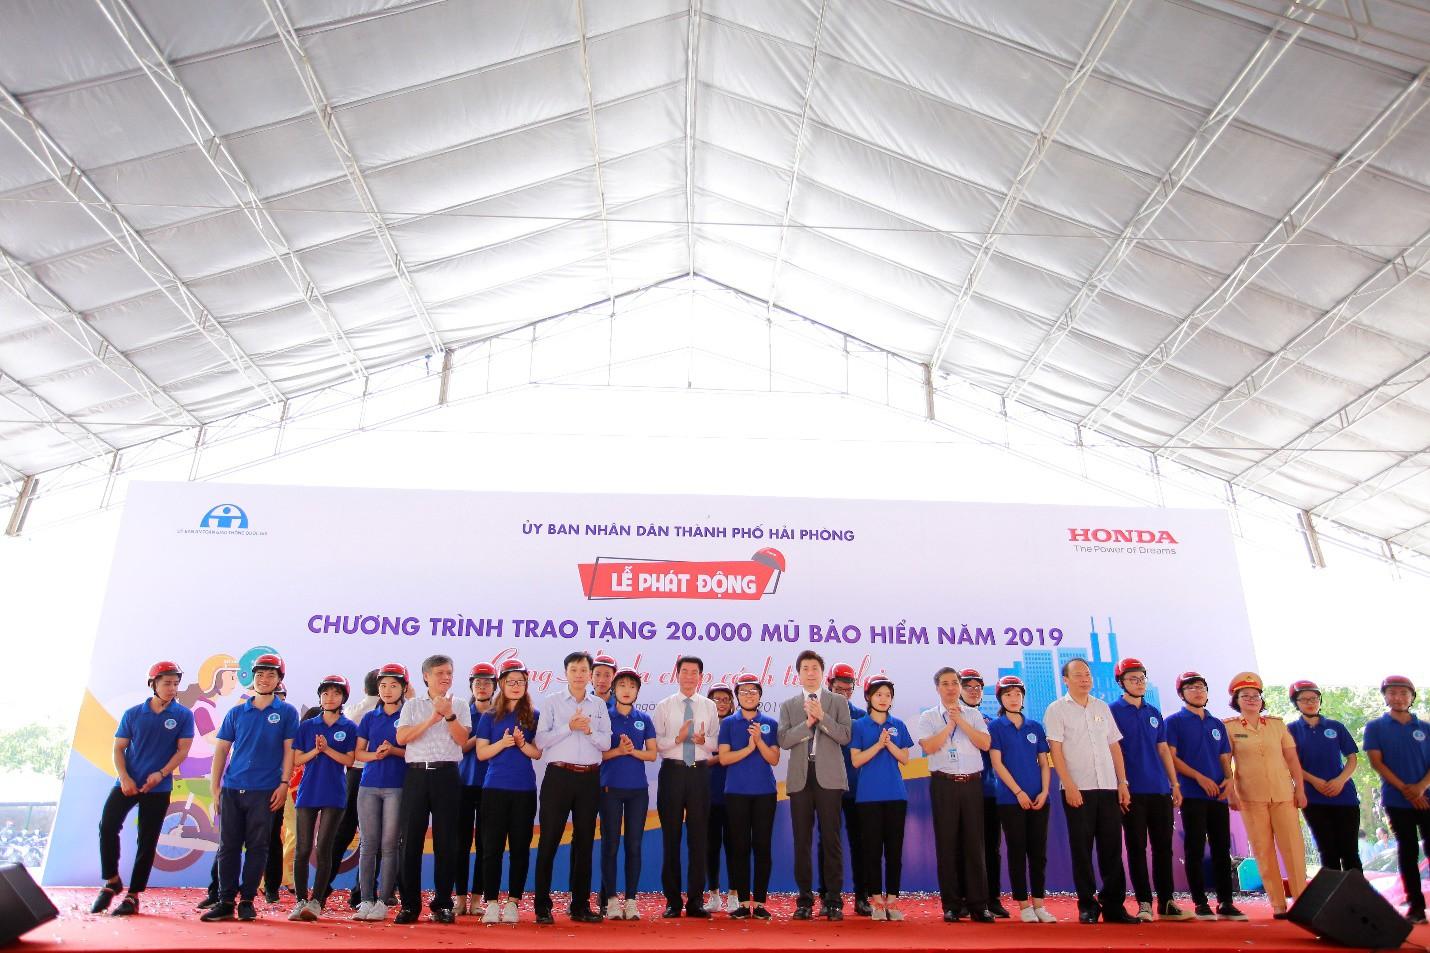 Phát động chương trình trao tặng 20.000 mũ bảo hiểm năm 2019 Cùng Honda chắp cánh tương lai - Ảnh 4.